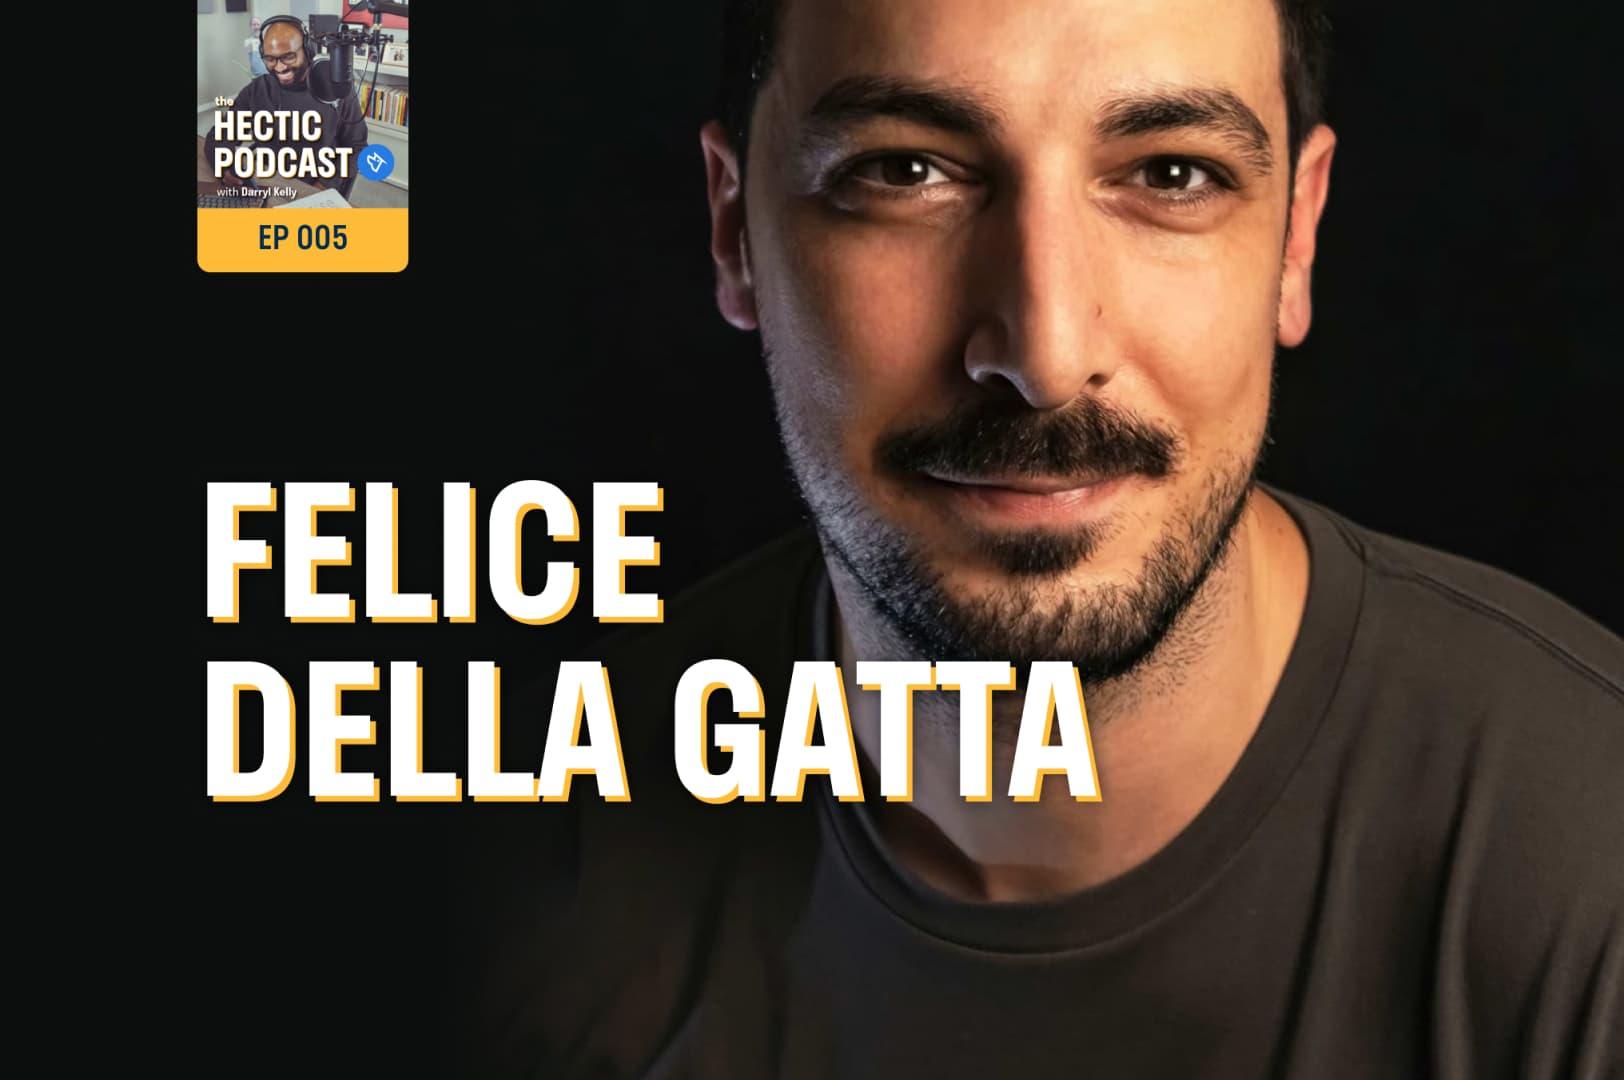 Felice Della Gatta